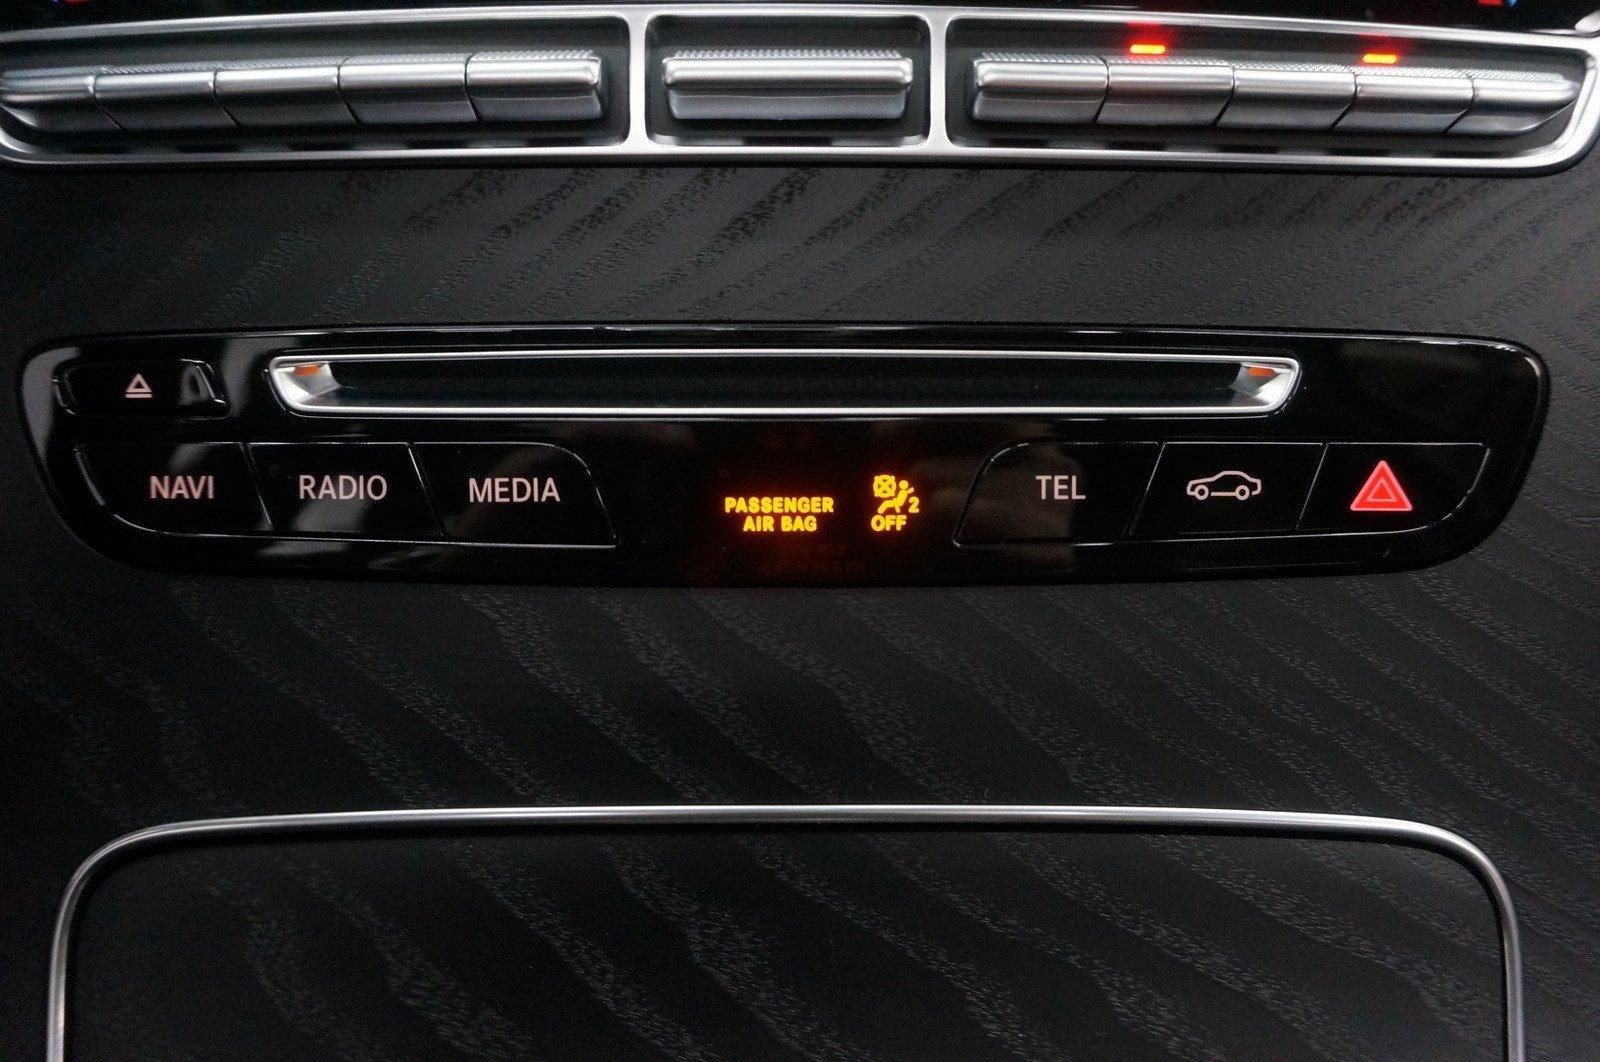 Used-2019-Mercedes-Benz-GLC-AMG-GLC-63-S